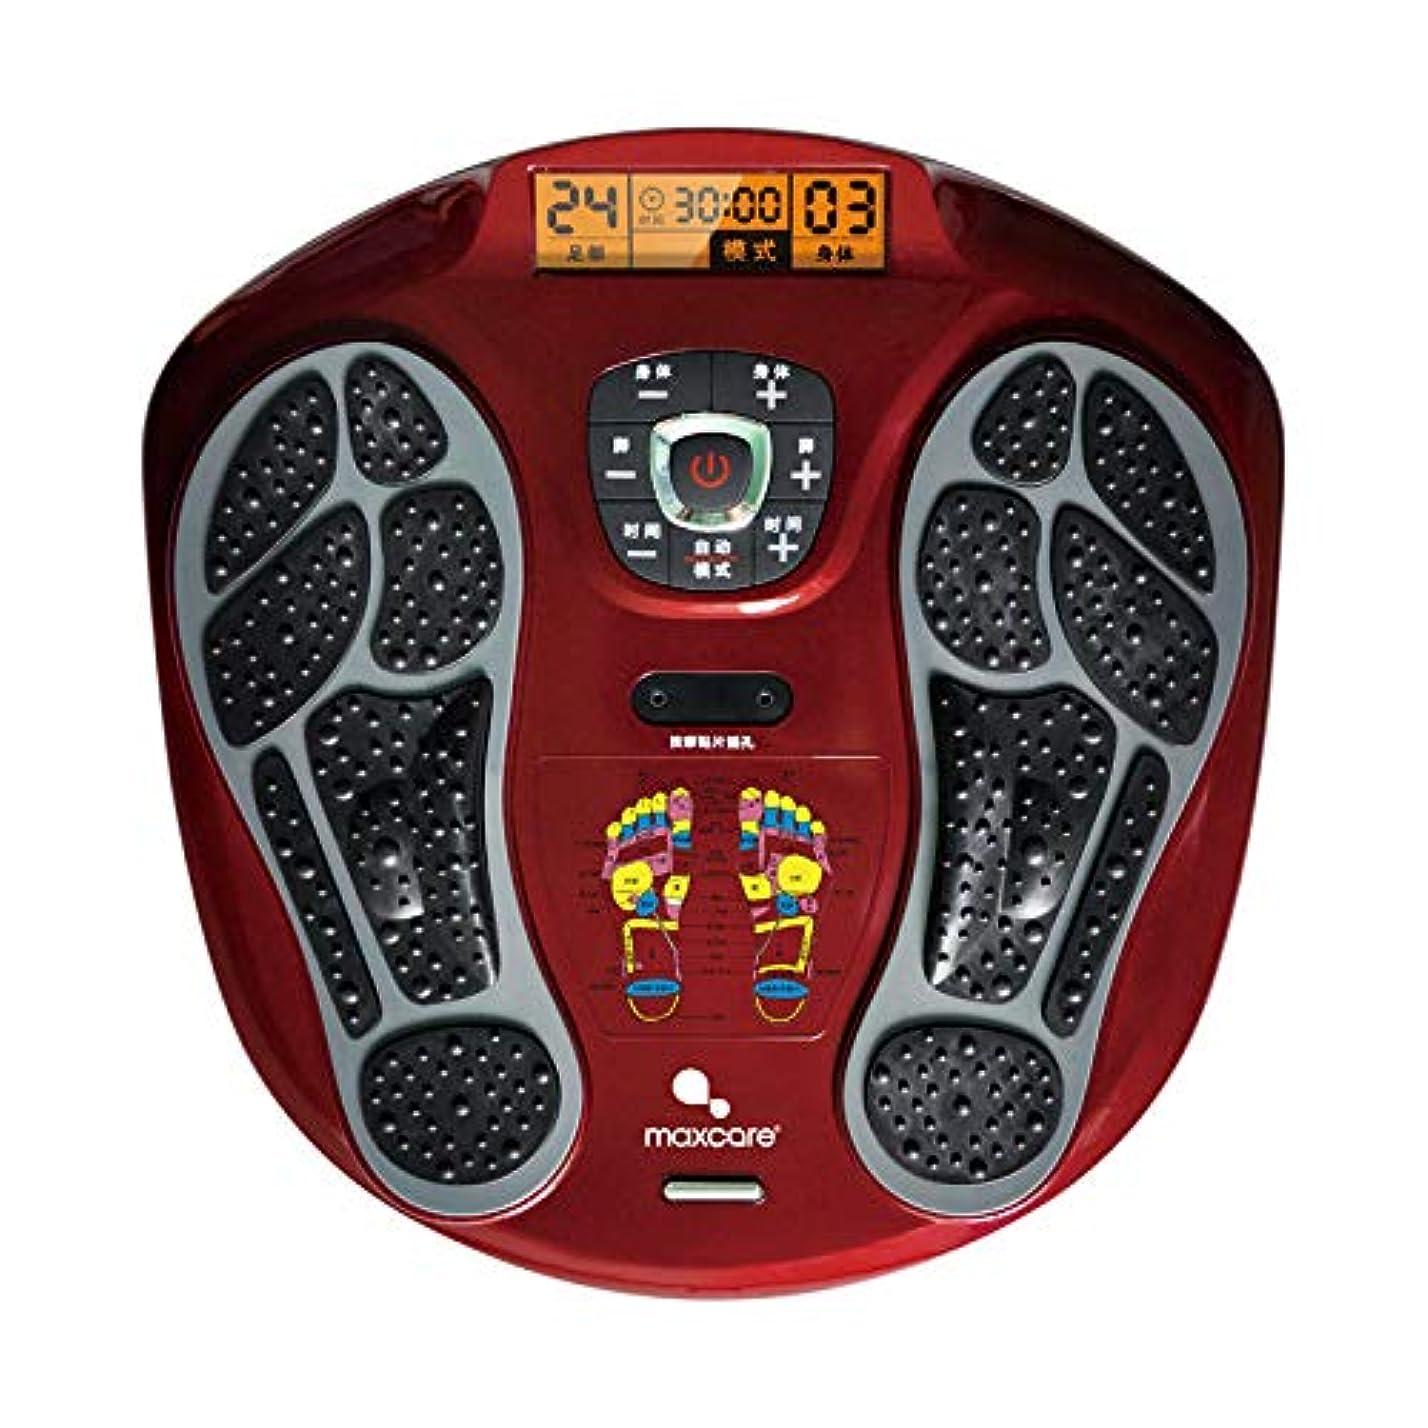 ボーカルスマイル優先権電気の フルフットマッサージ体験のための、熱付きフットマッサージャー、LEDディスプレイスクリーンリラックス疲れて痛む足 人間工学的デザイン